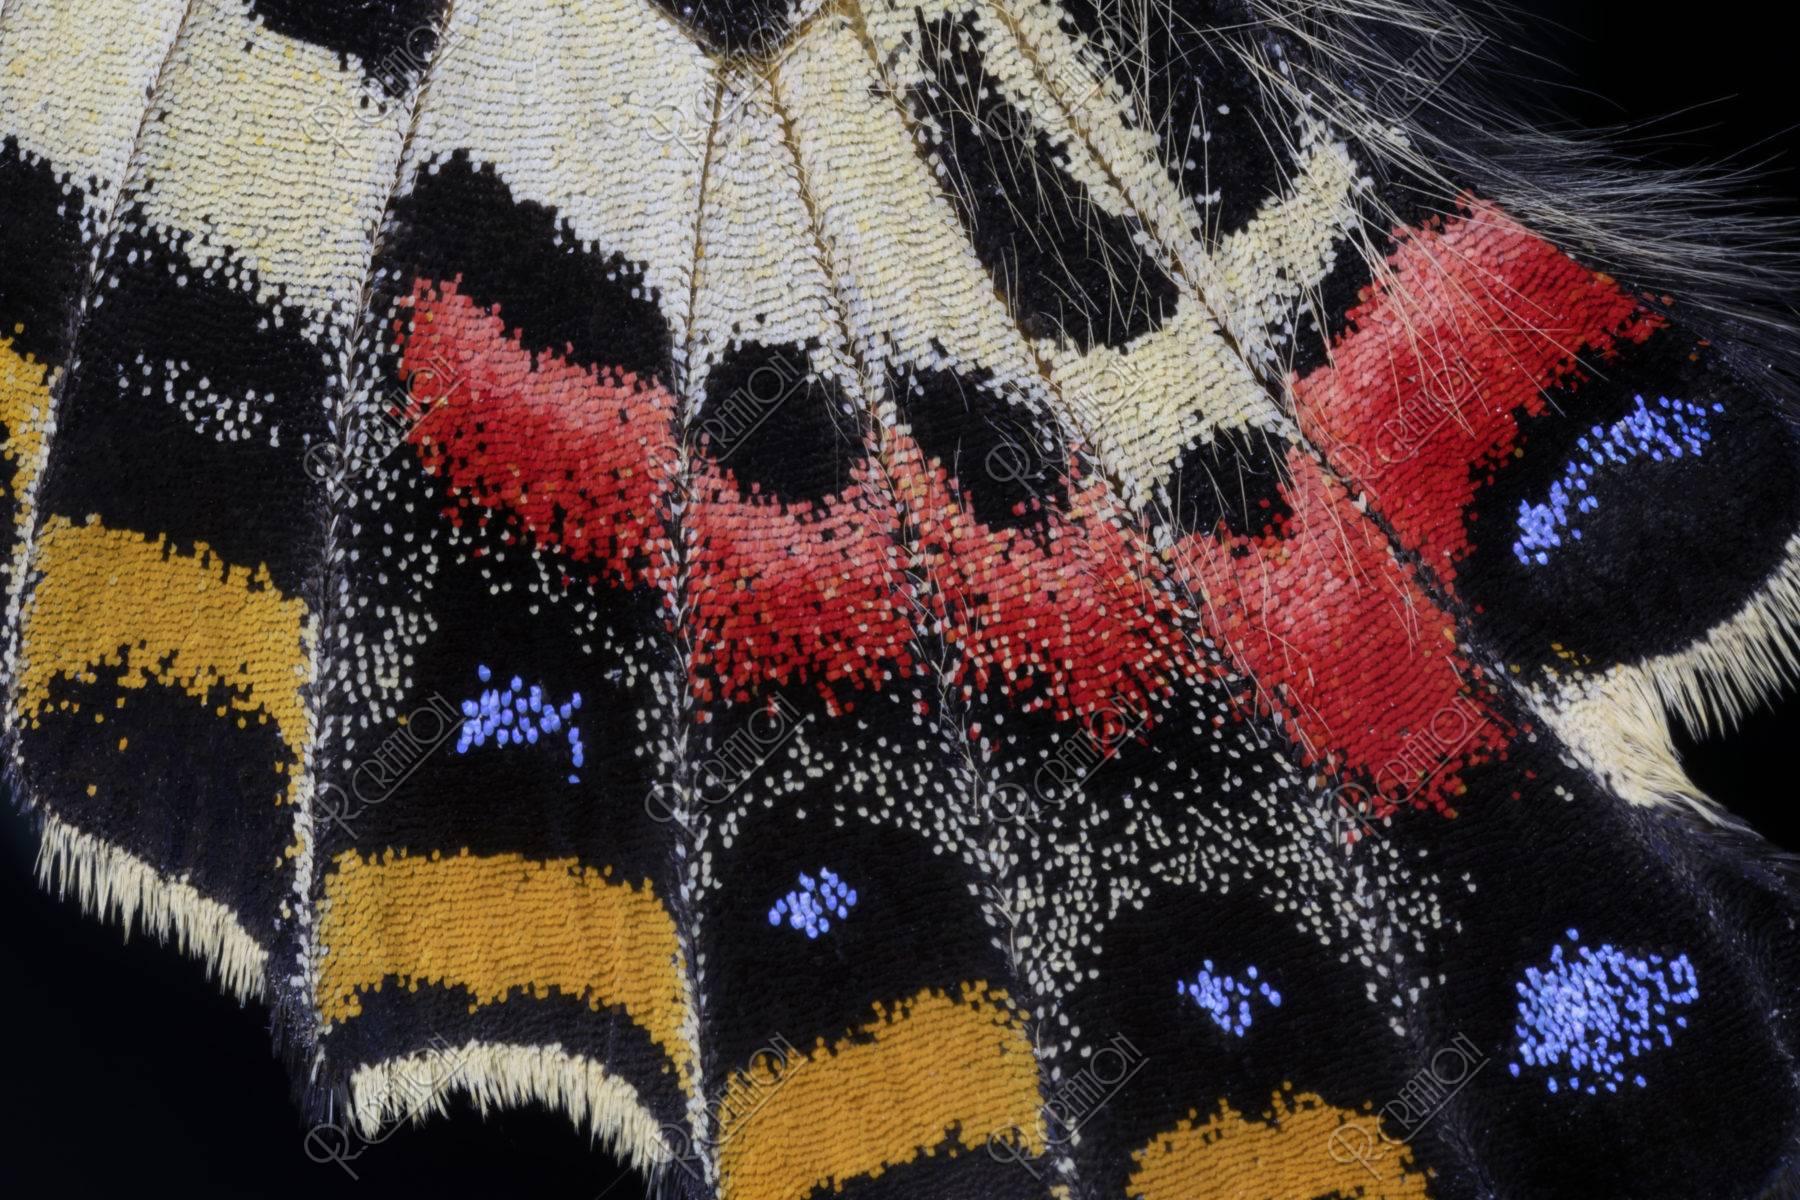 蝶の羽根 ギフチョウ